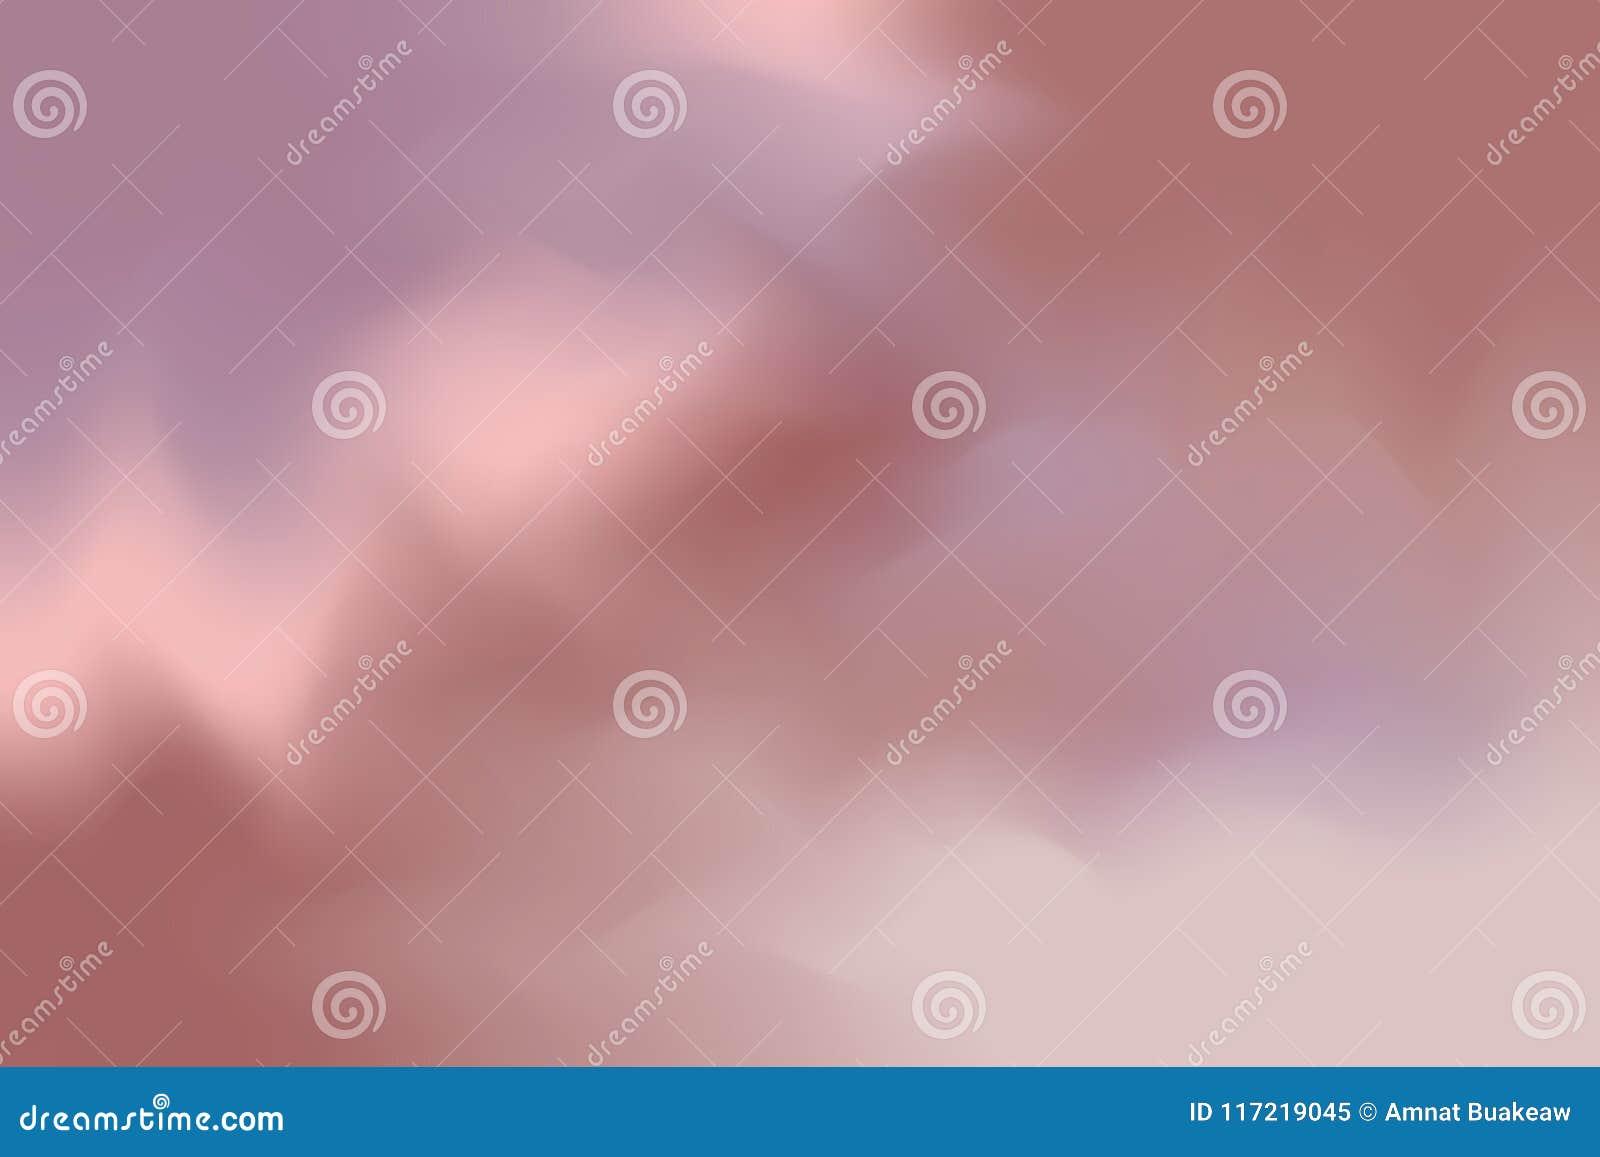 För bakgrundsmålning för brun purpurfärgad mjuk färg blandat abstrakt begrepp för pastell för konst, färgrik konsttapet